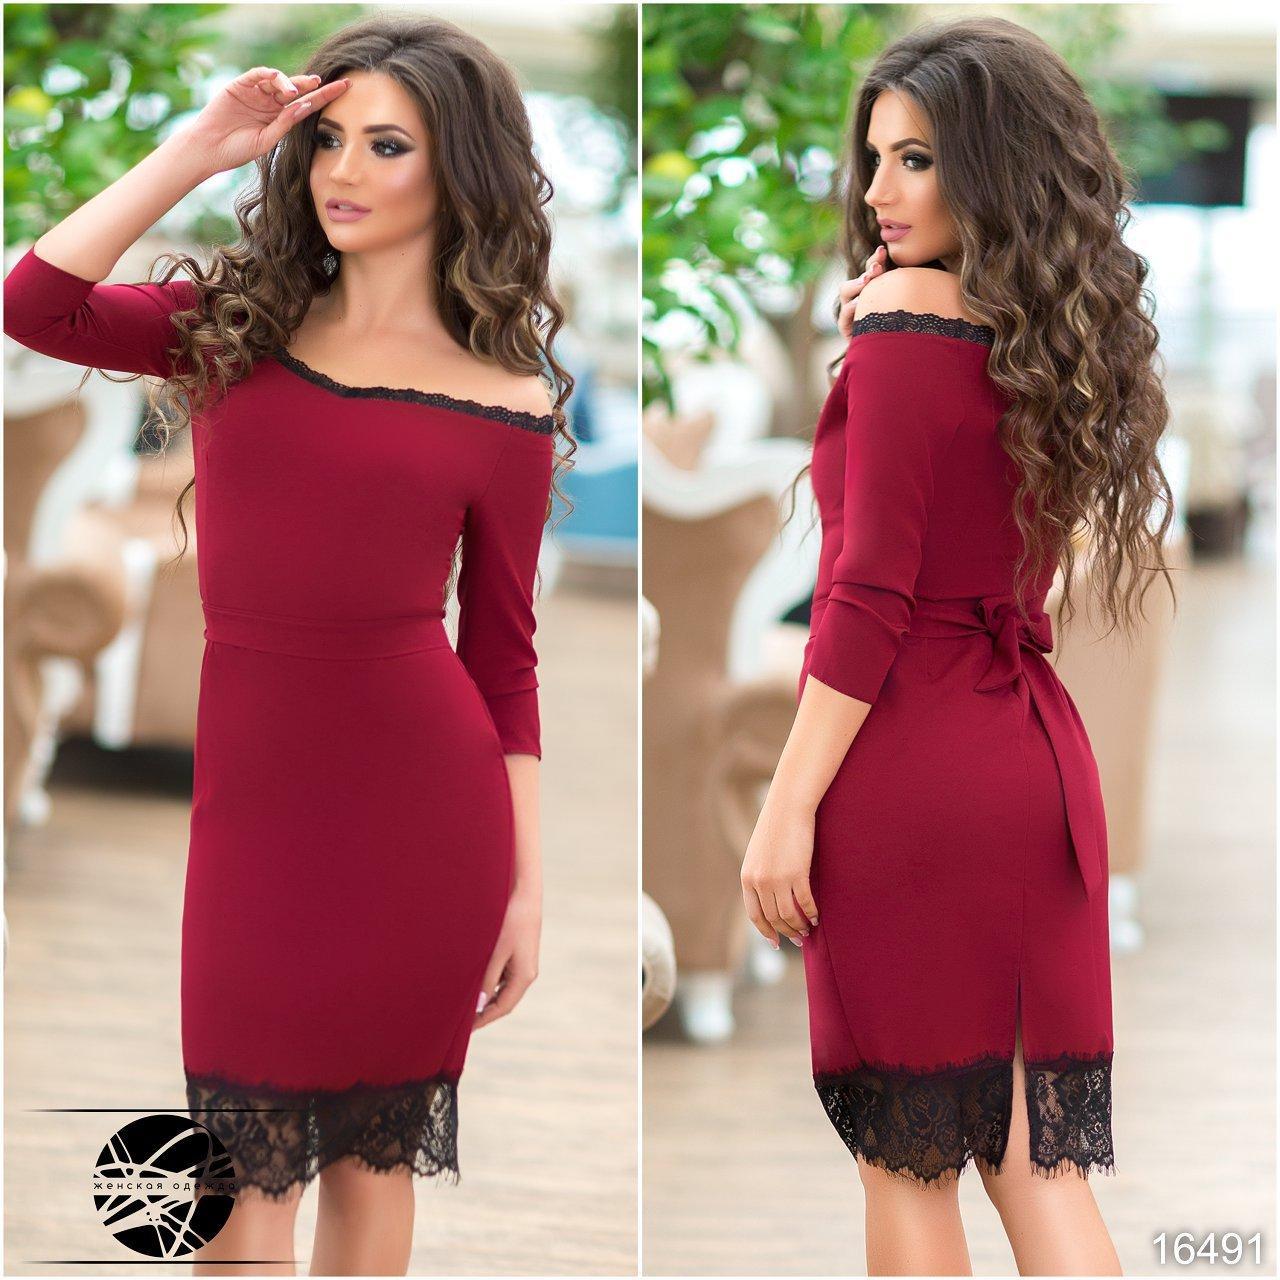 6a41b97a317 Вечернее платье бордового цвета с кружевом. Модель 16491 - Irse в Одессе